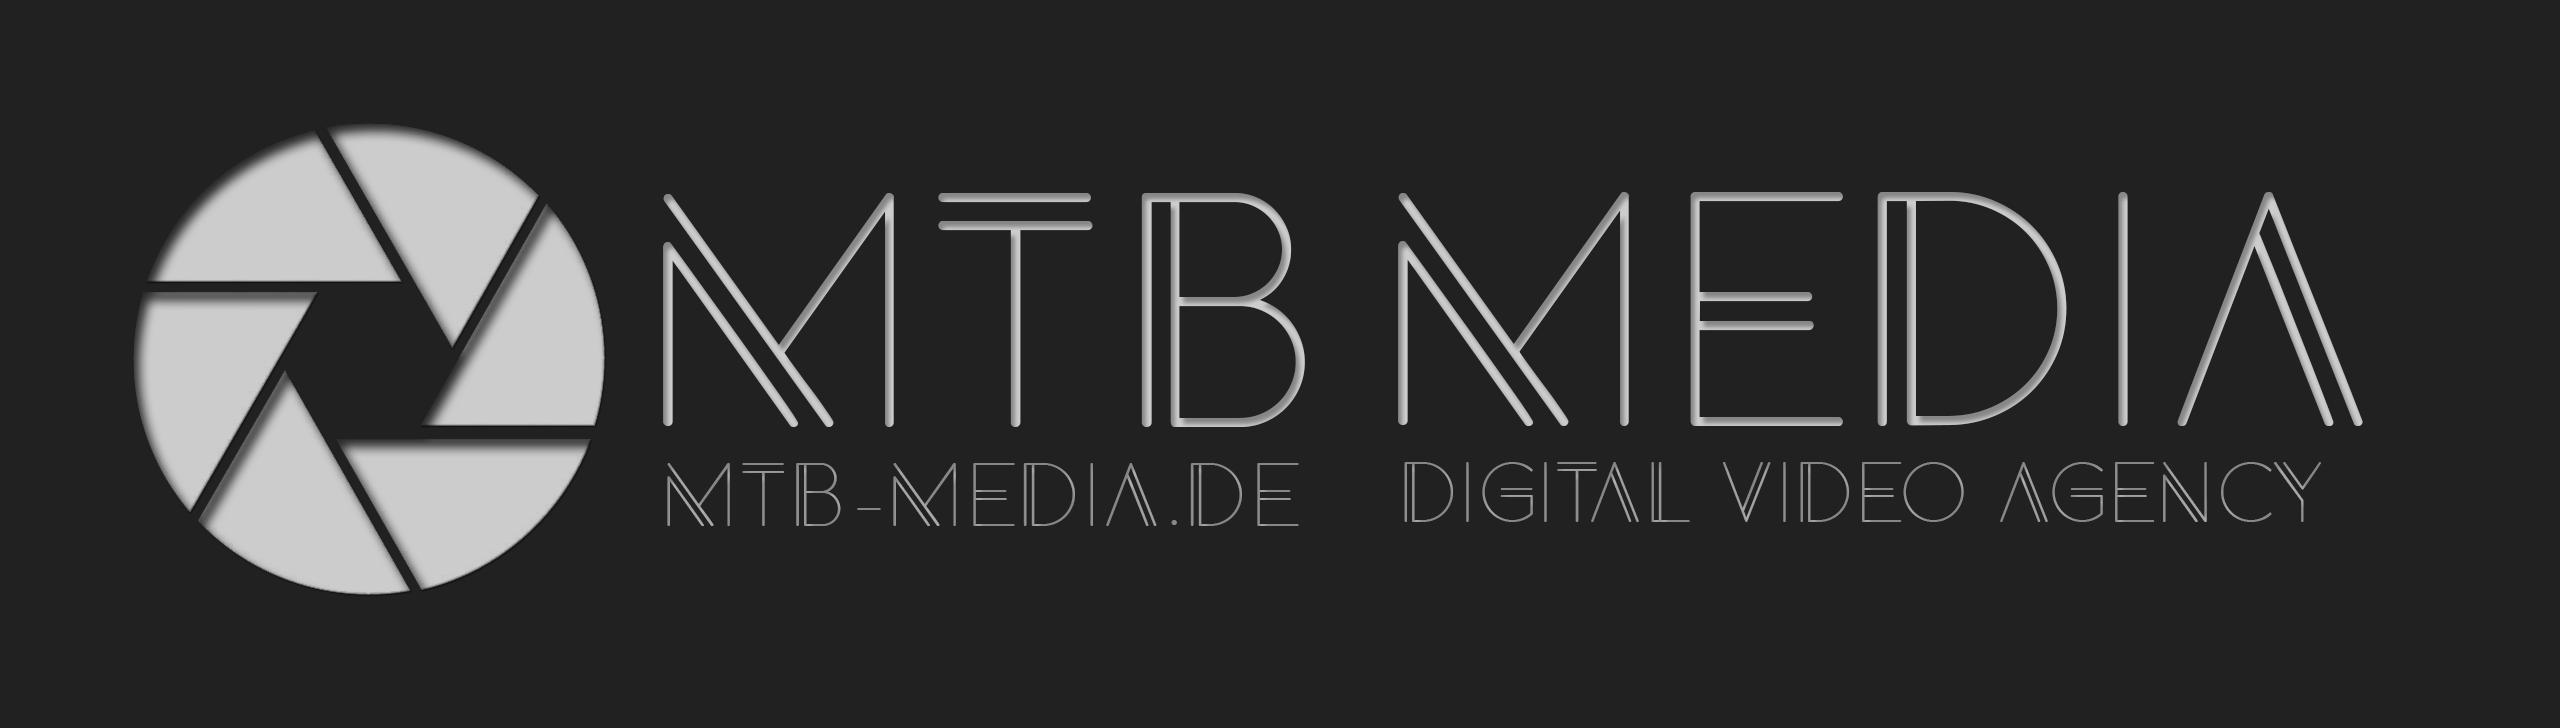 MTB Media